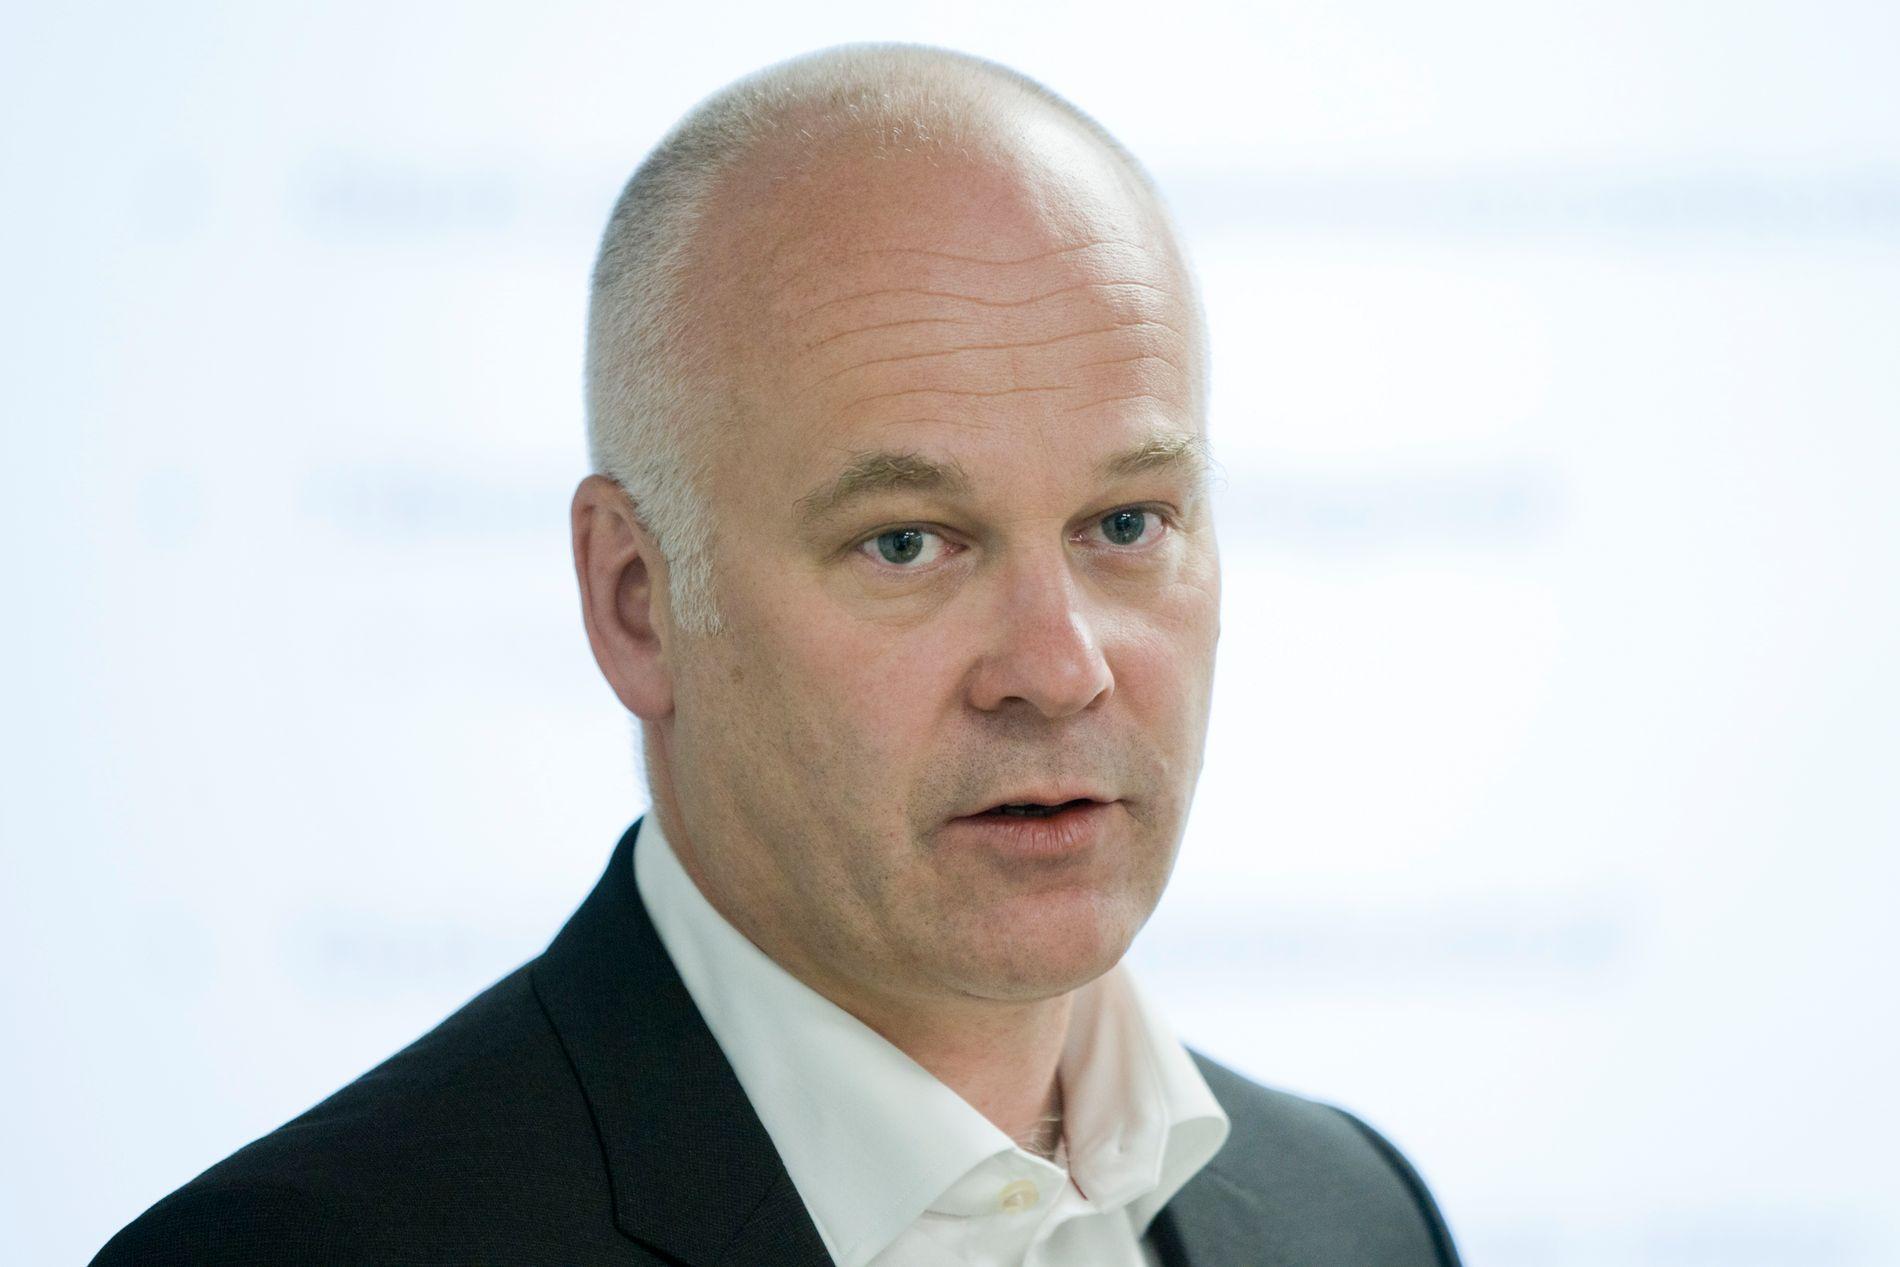 Kringkastingssjef Thor Gjermund Eriksen